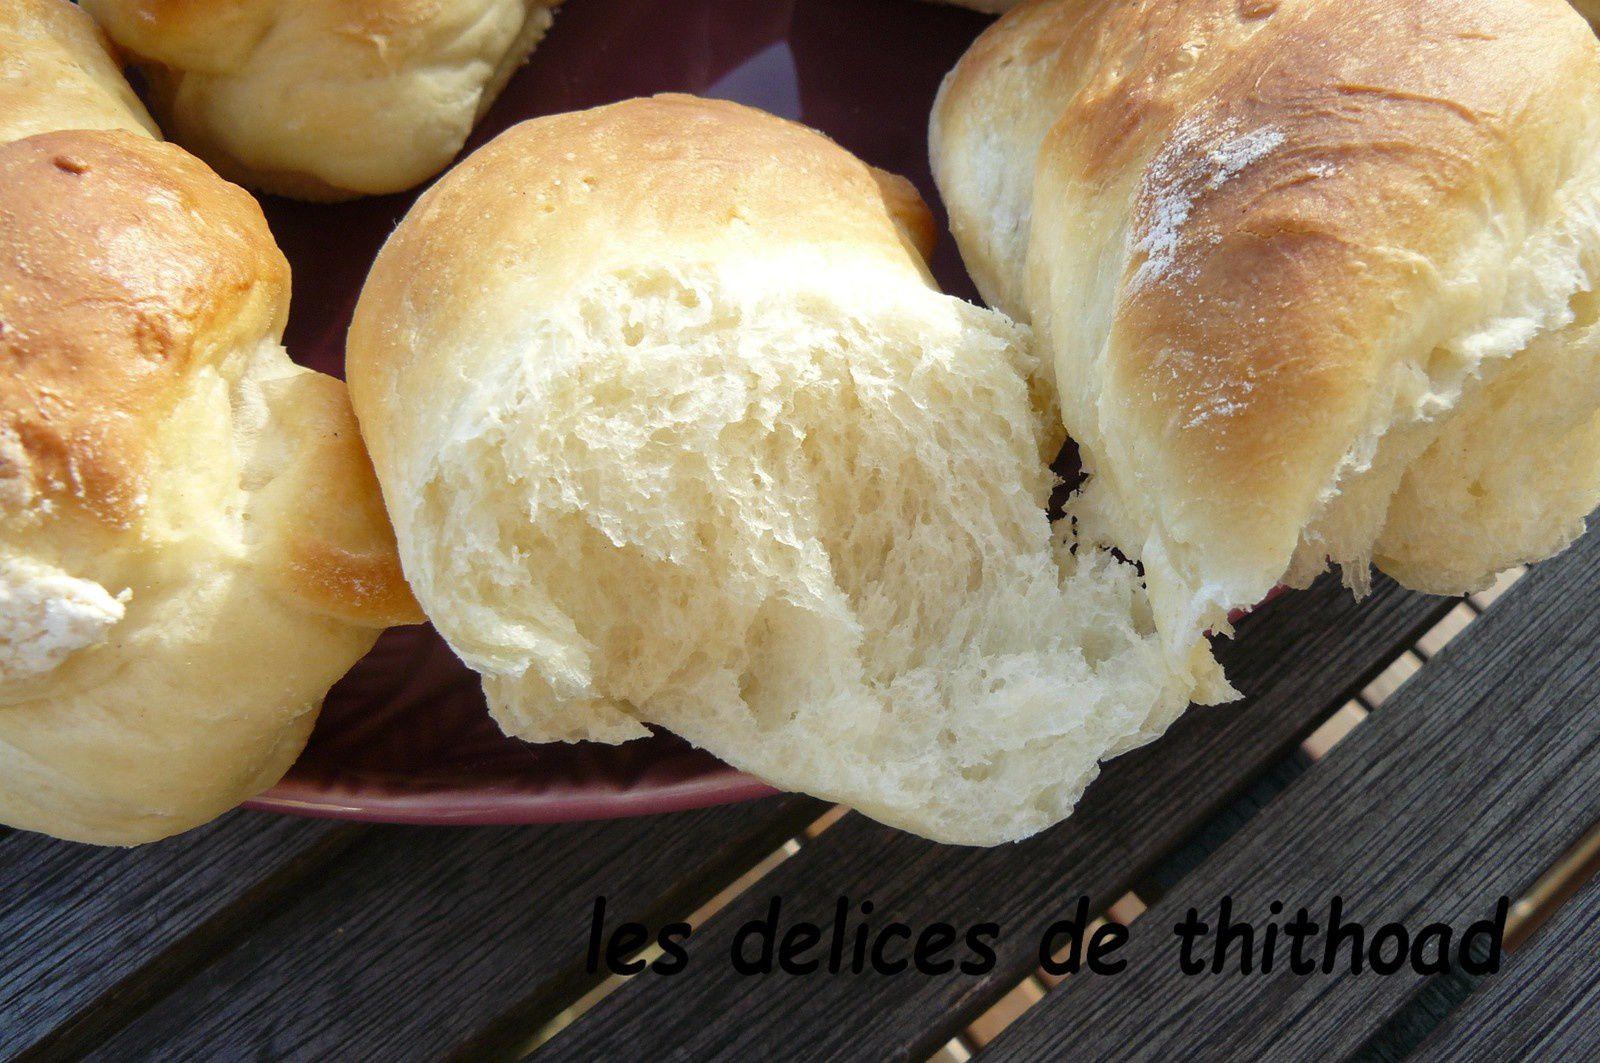 petits pains au lait pour une escapade en cuisine